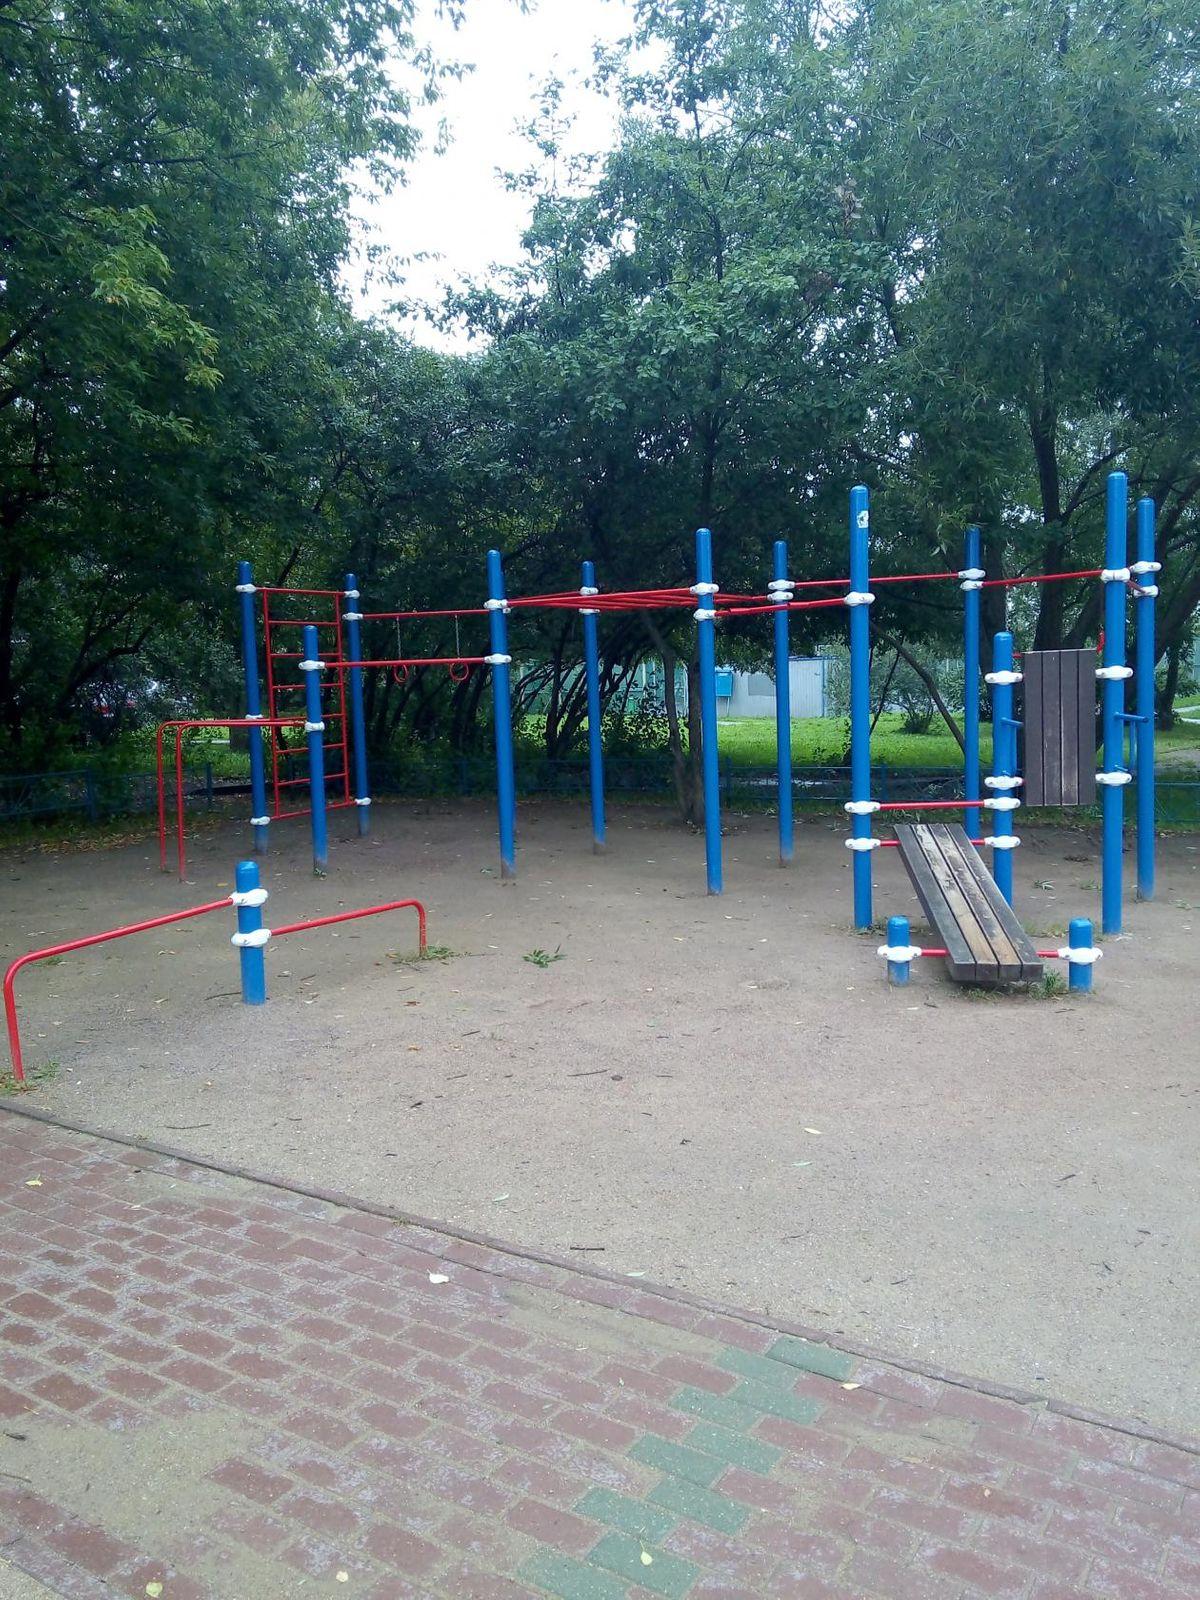 Moscow - Street Workout Park - Теремок